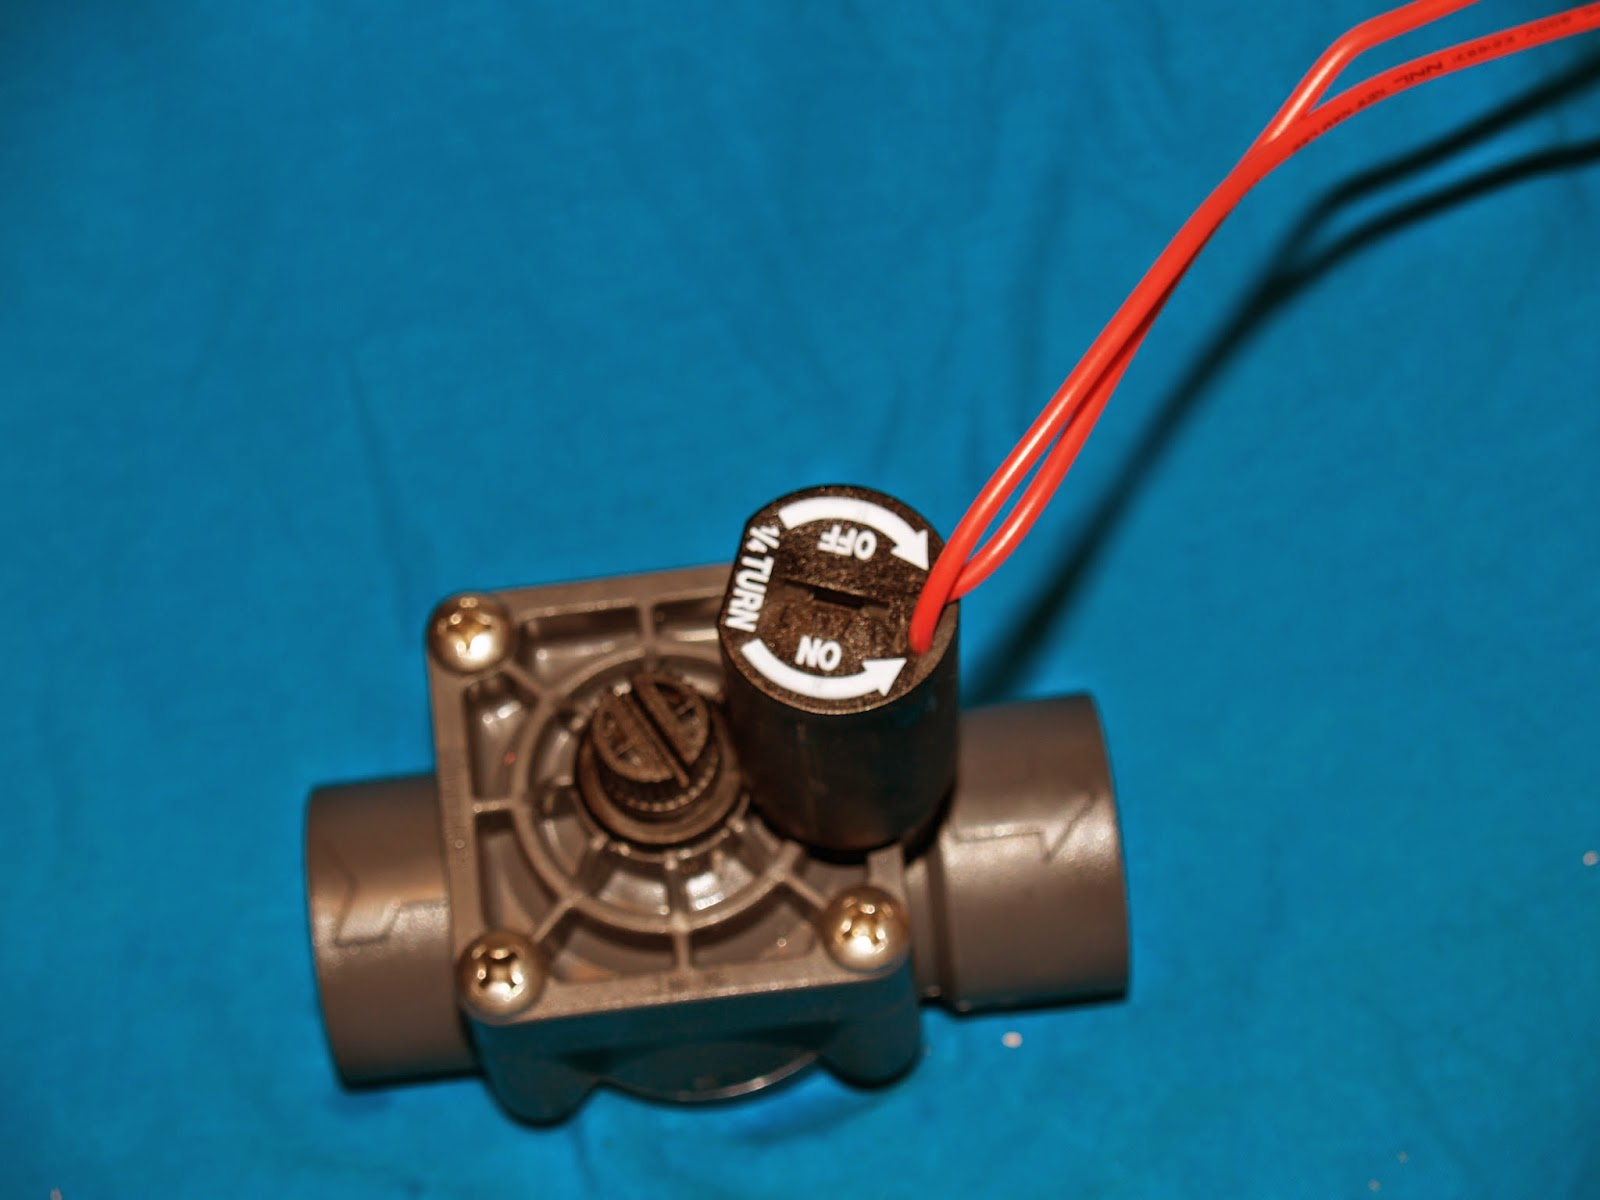 Sprinkler Plumbing Diagram   Licensed HVAC and Plumbing on